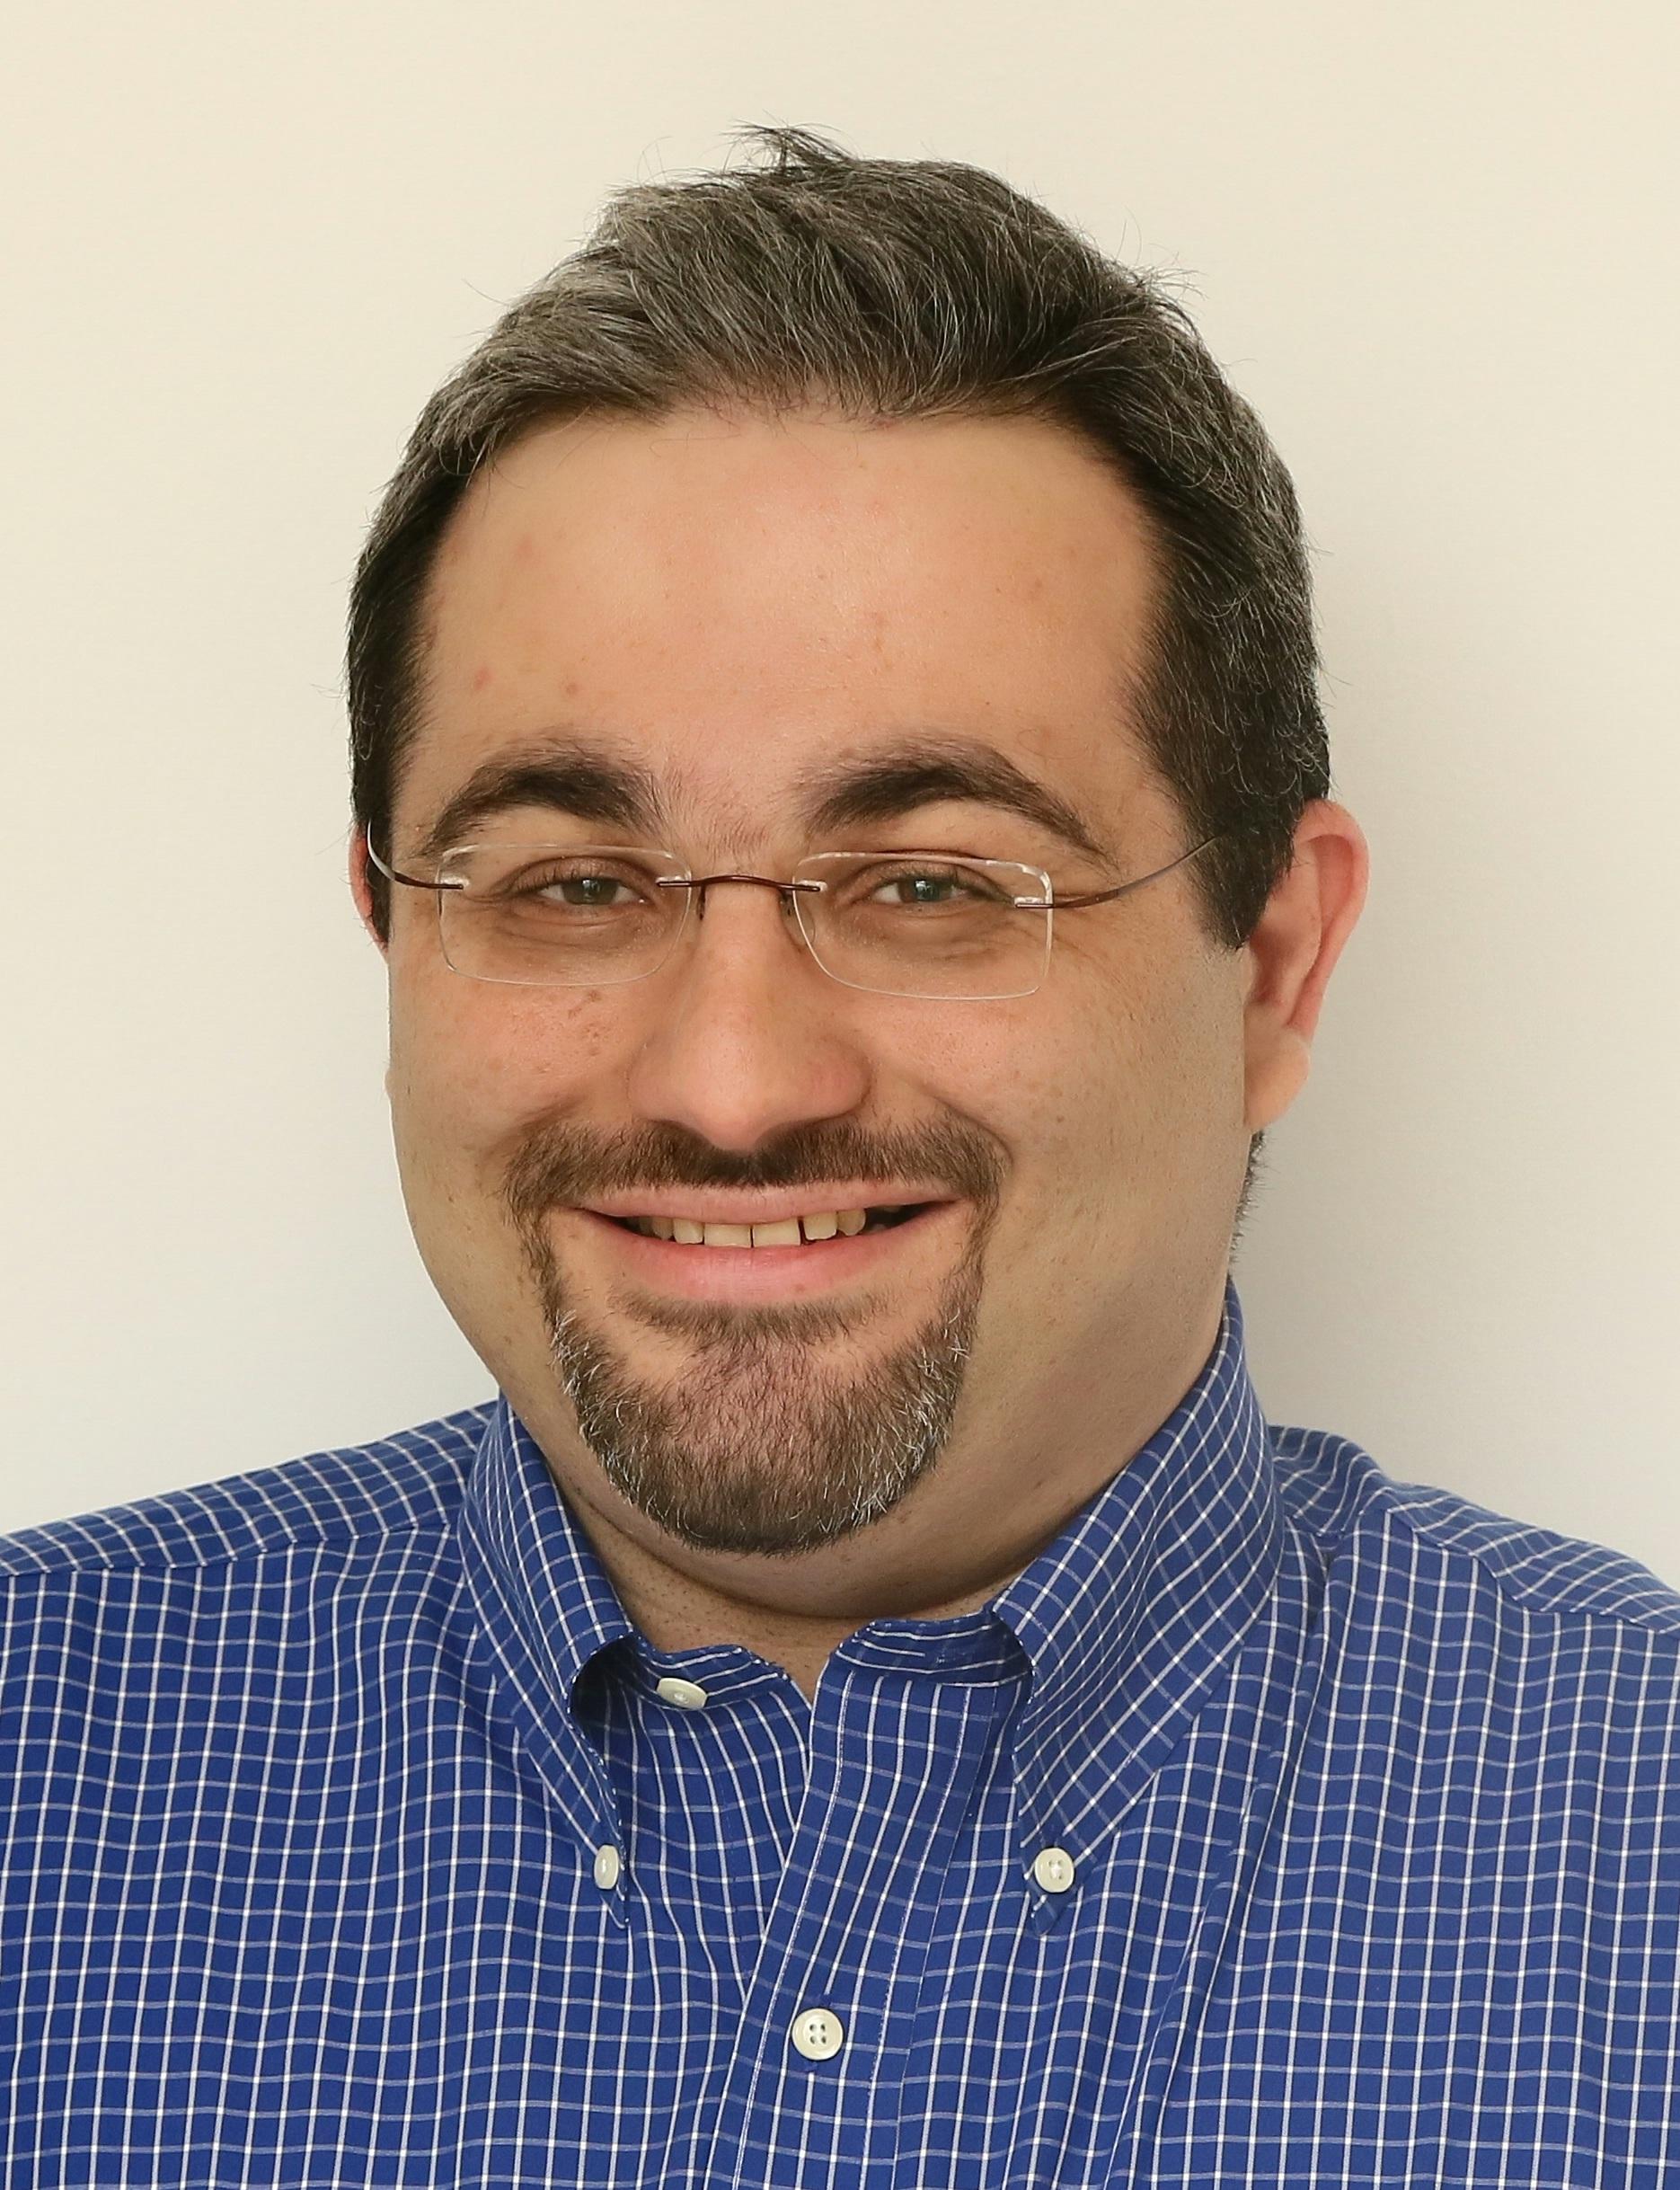 Jonathan Roubini